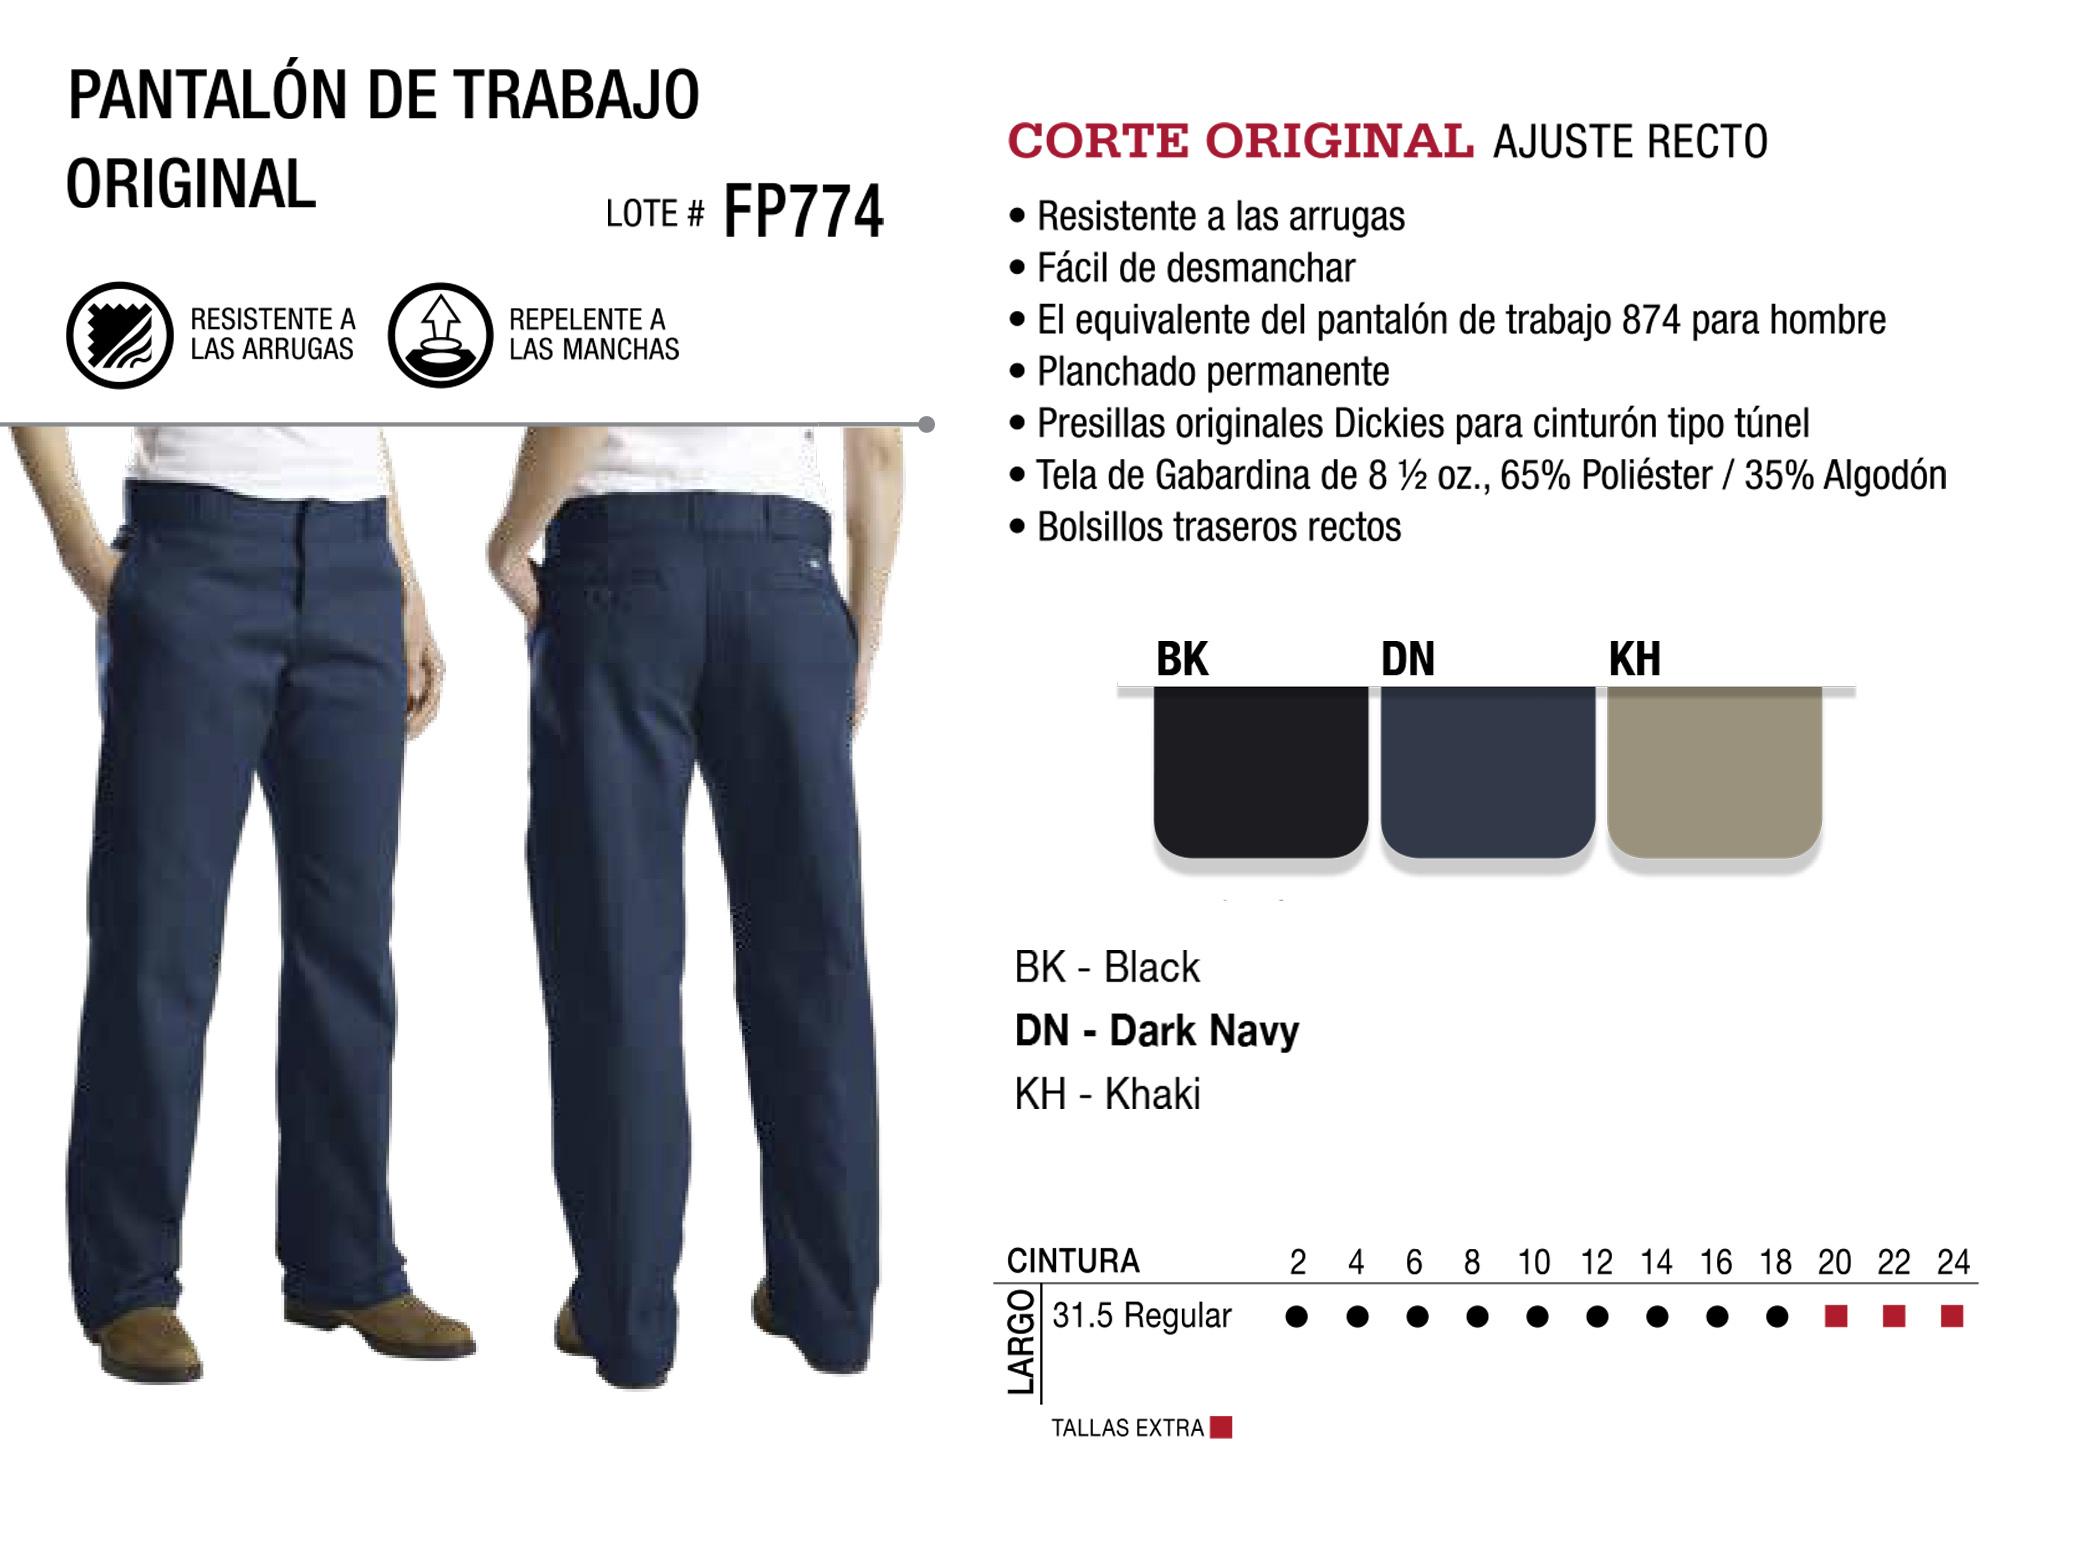 Pantalón de Trabajo Original Corte Original. FP774